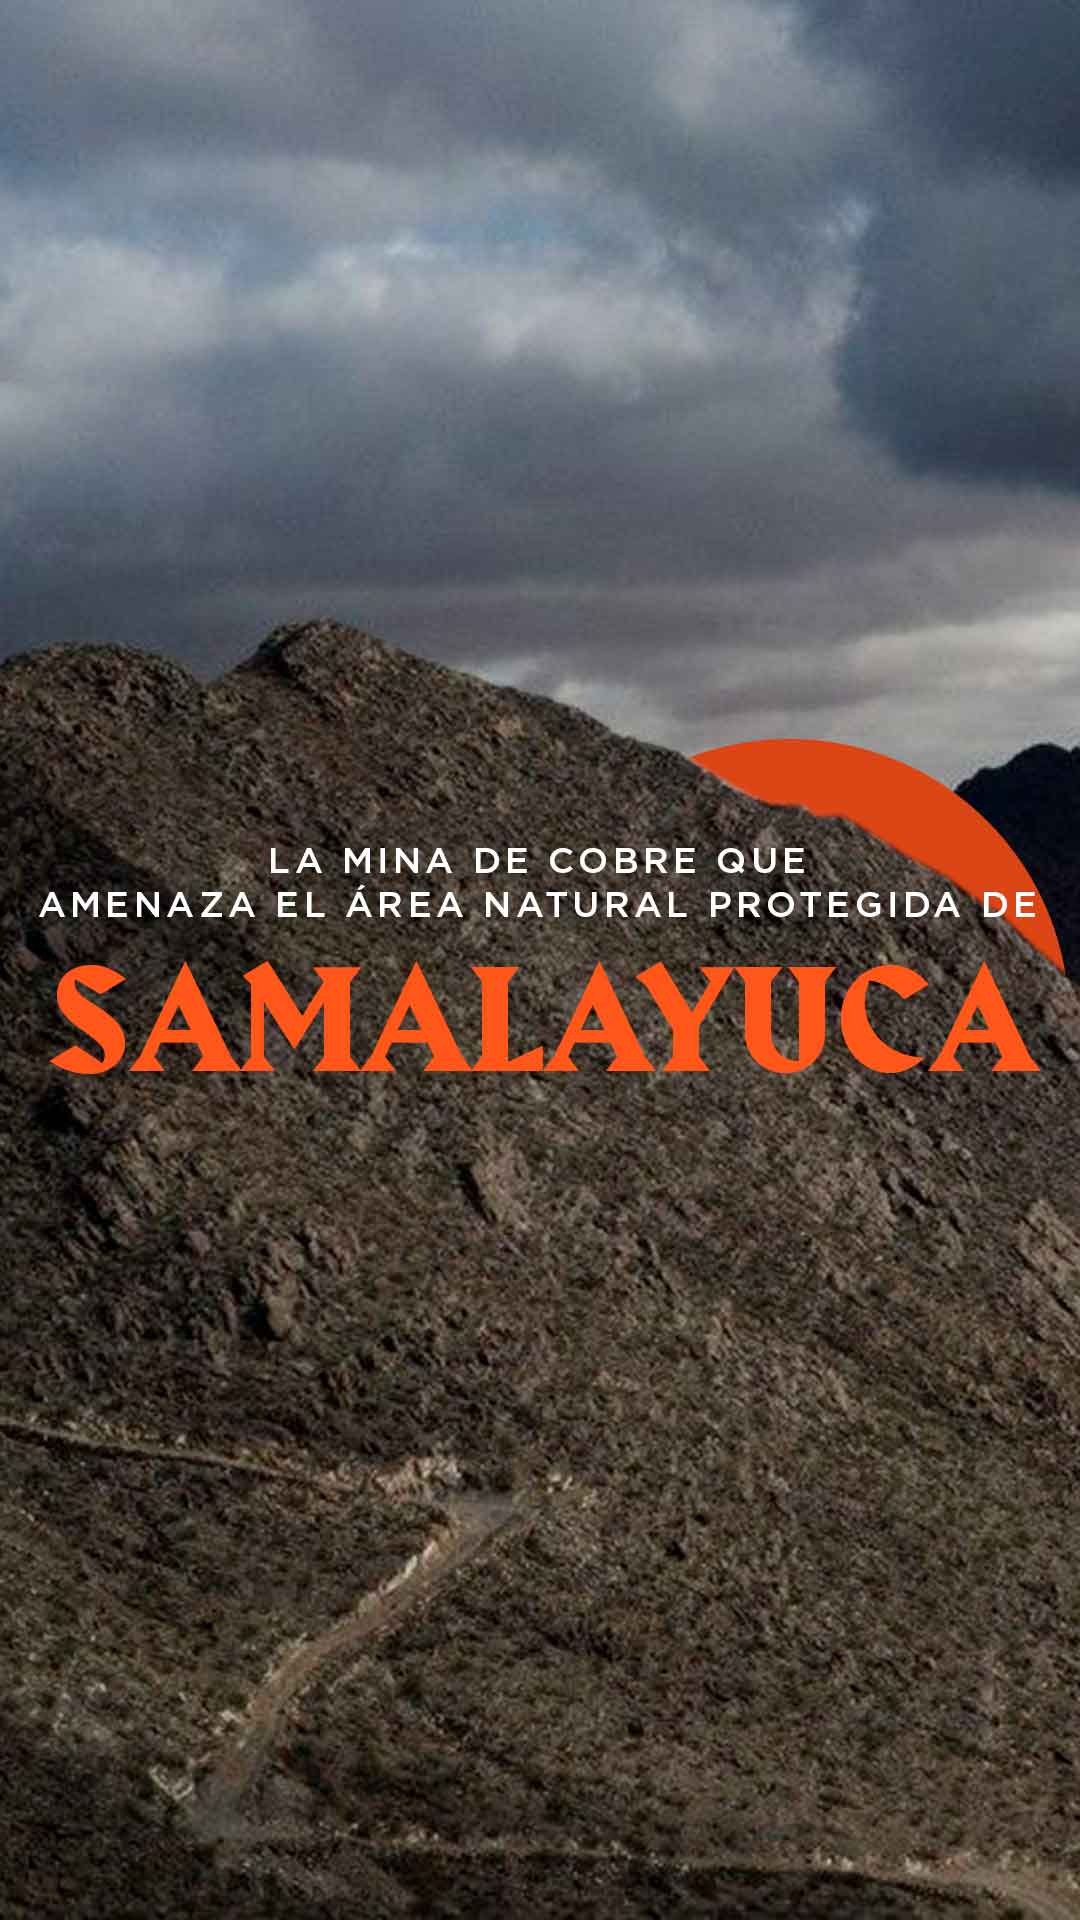 La mina de cobre que amenaza el área natural protegida de Samalayuca